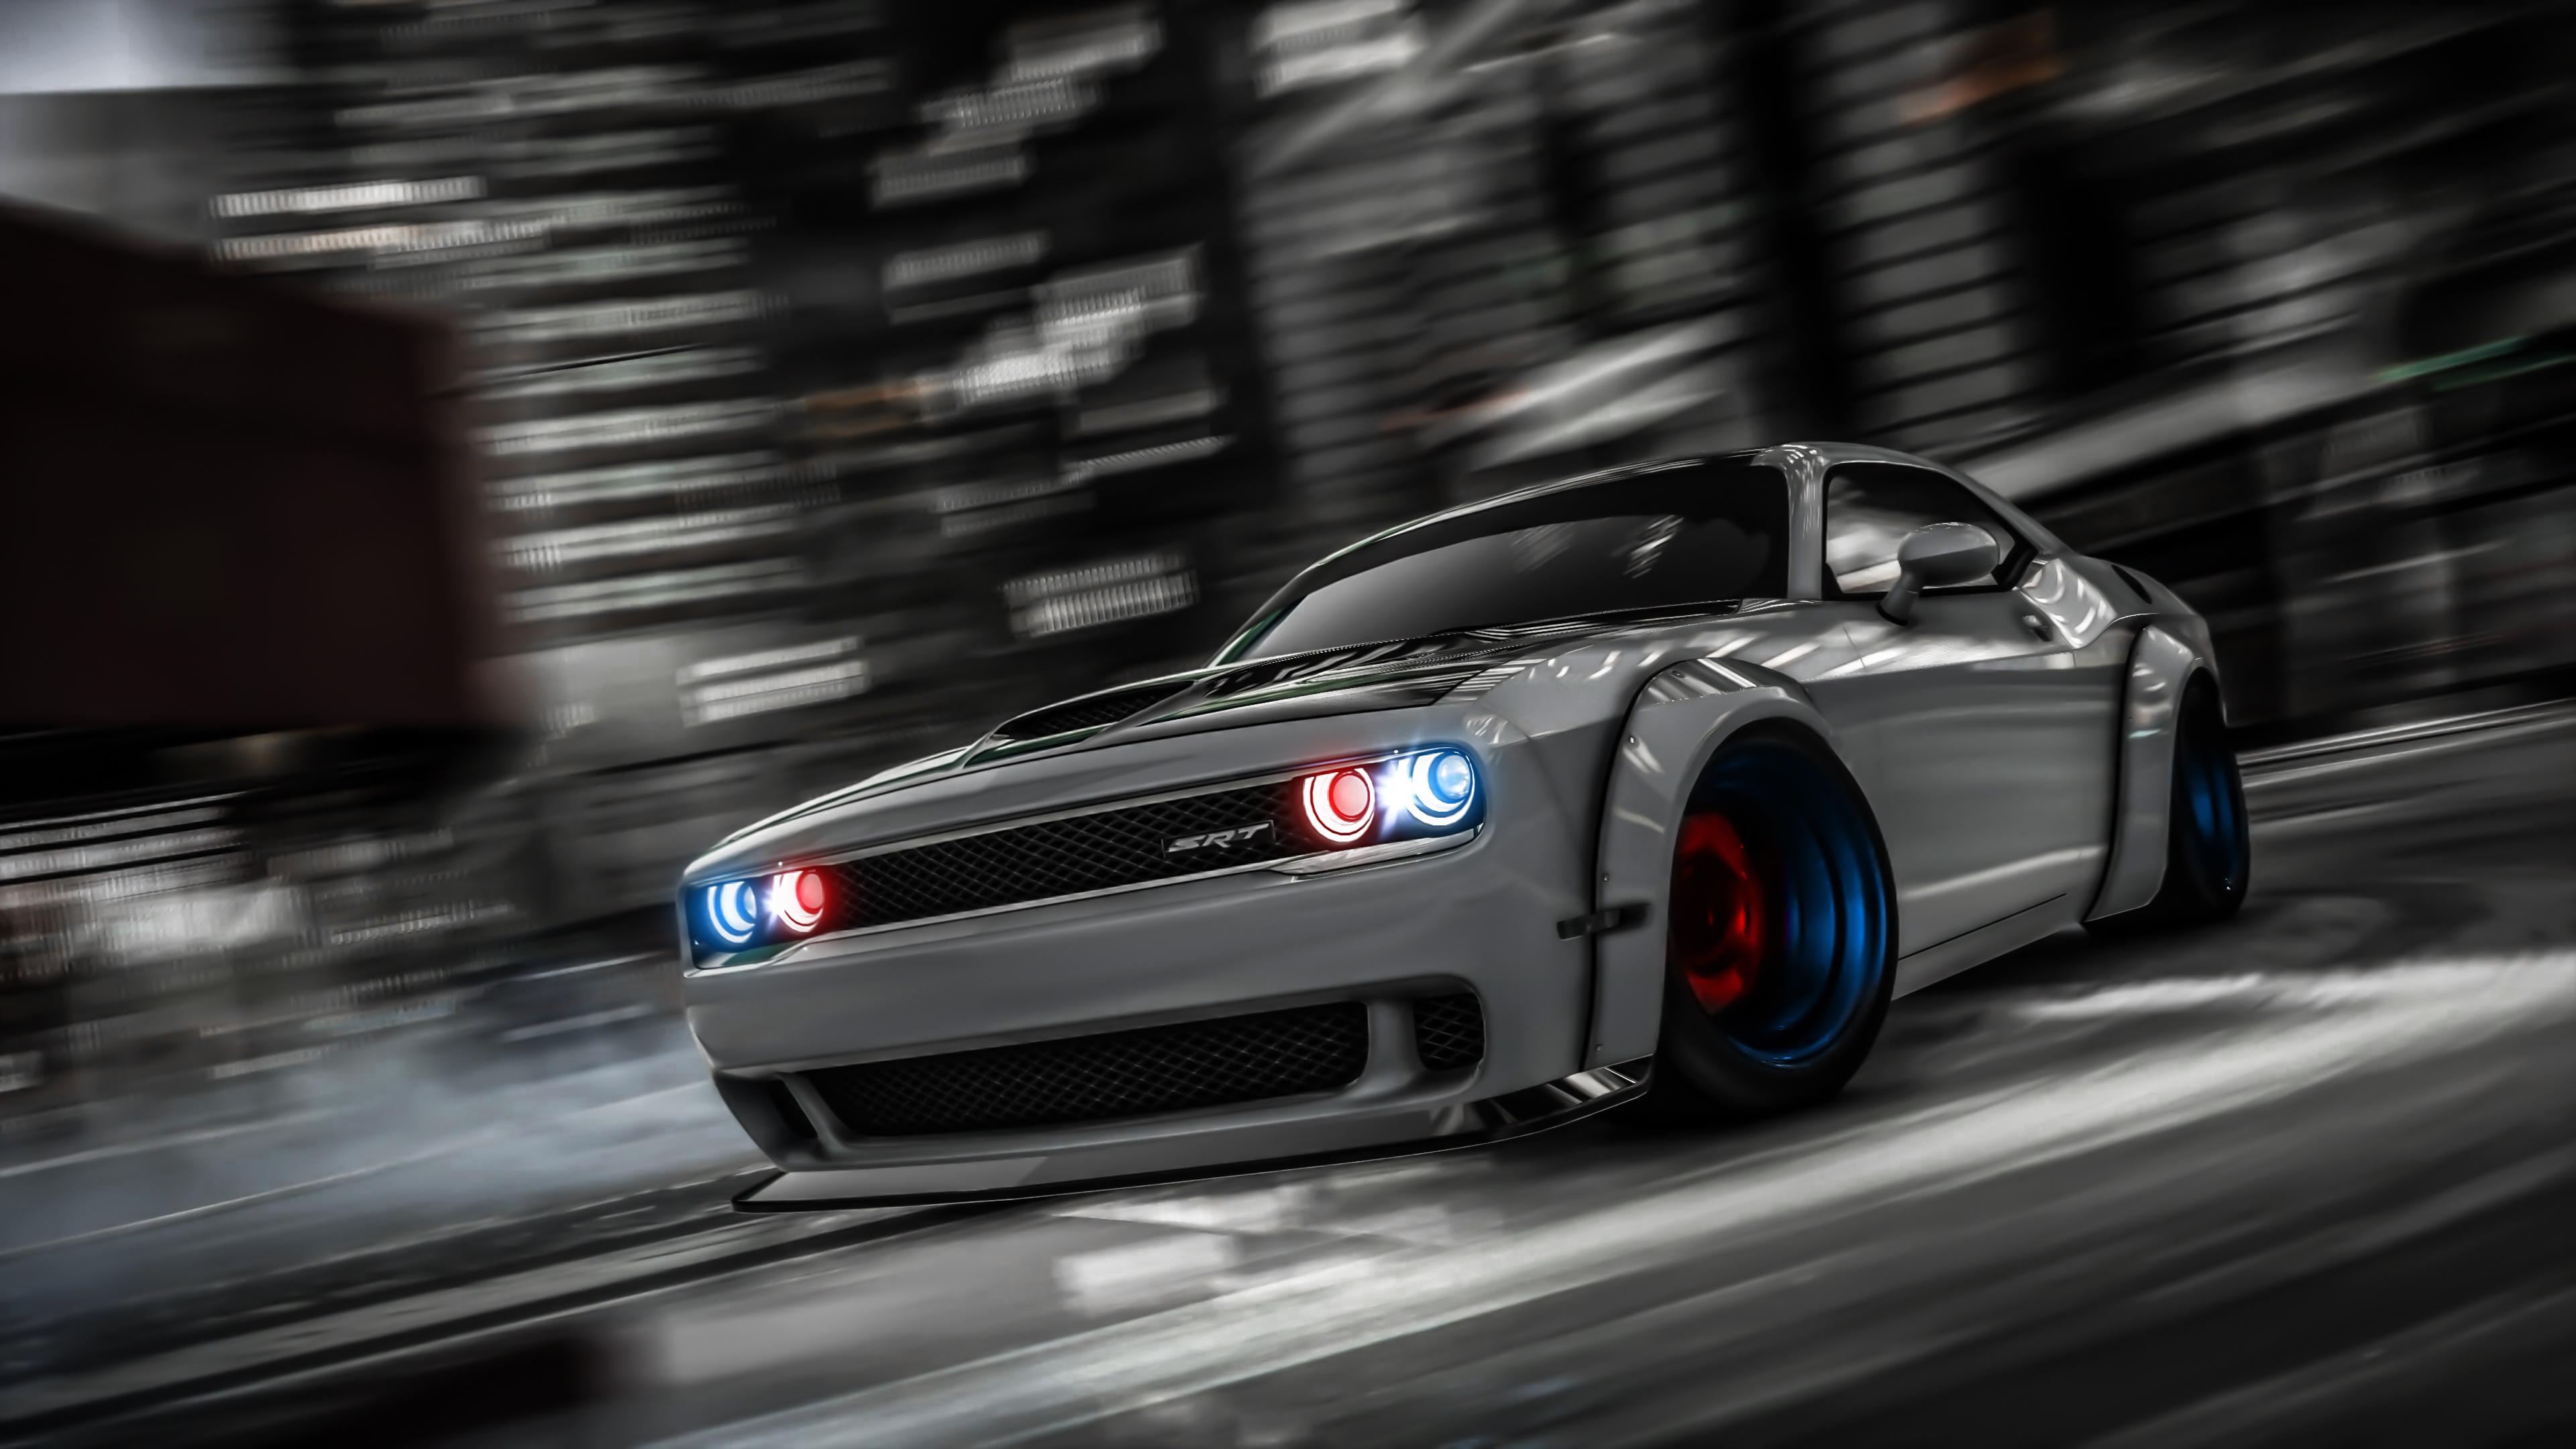 Dodge Challenger Drifting Gta V - Gta V Wallpaper 4k , HD Wallpaper & Backgrounds